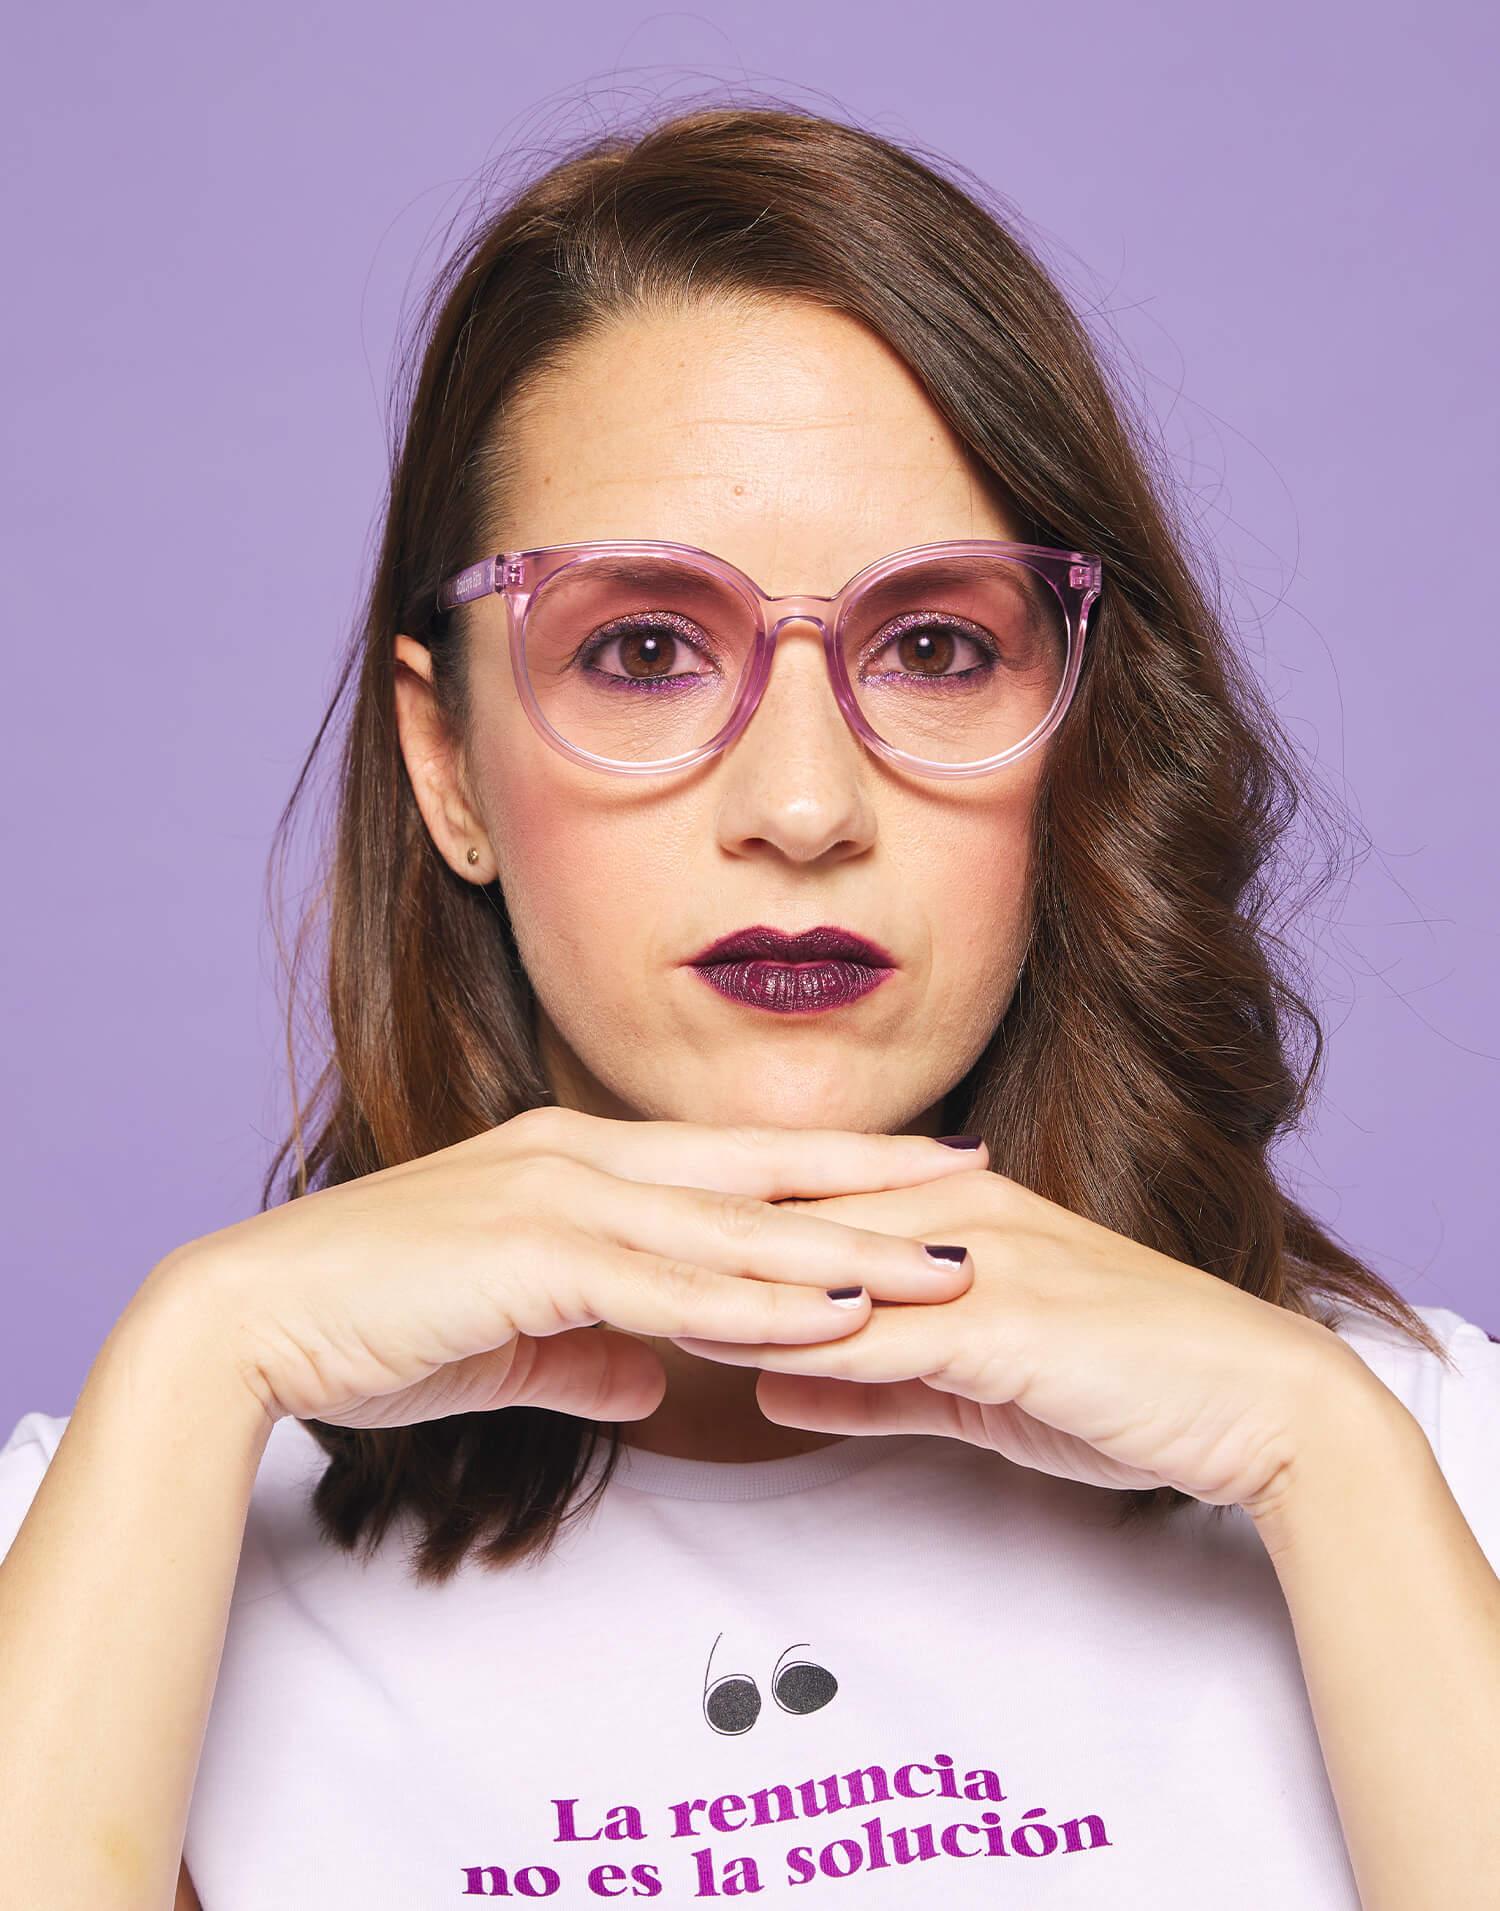 Gafas 'Soy feminista'